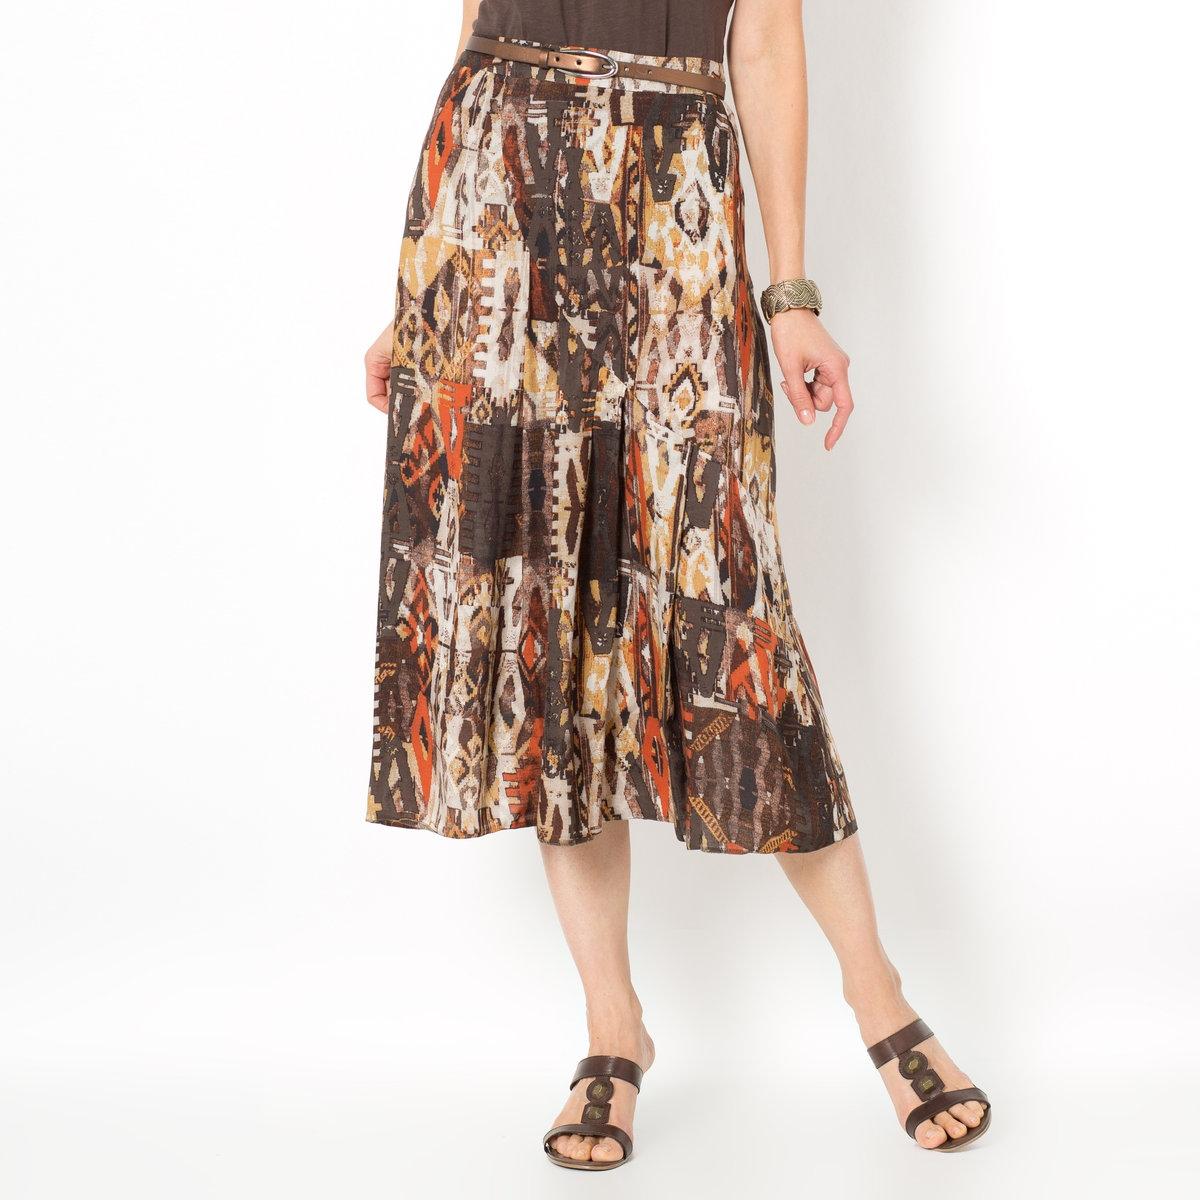 Юбка с рисункомКрасивая юбка с рисунком. Летящий широкий покрой, теплая цветовая гамма. Пояс с застежкой на молнию сзади. Длина ок. 75 см. Ткань, 100% вискозы.<br><br>Цвет: рисунок/бежевый фон<br>Размер: 44 (FR) - 50 (RUS)